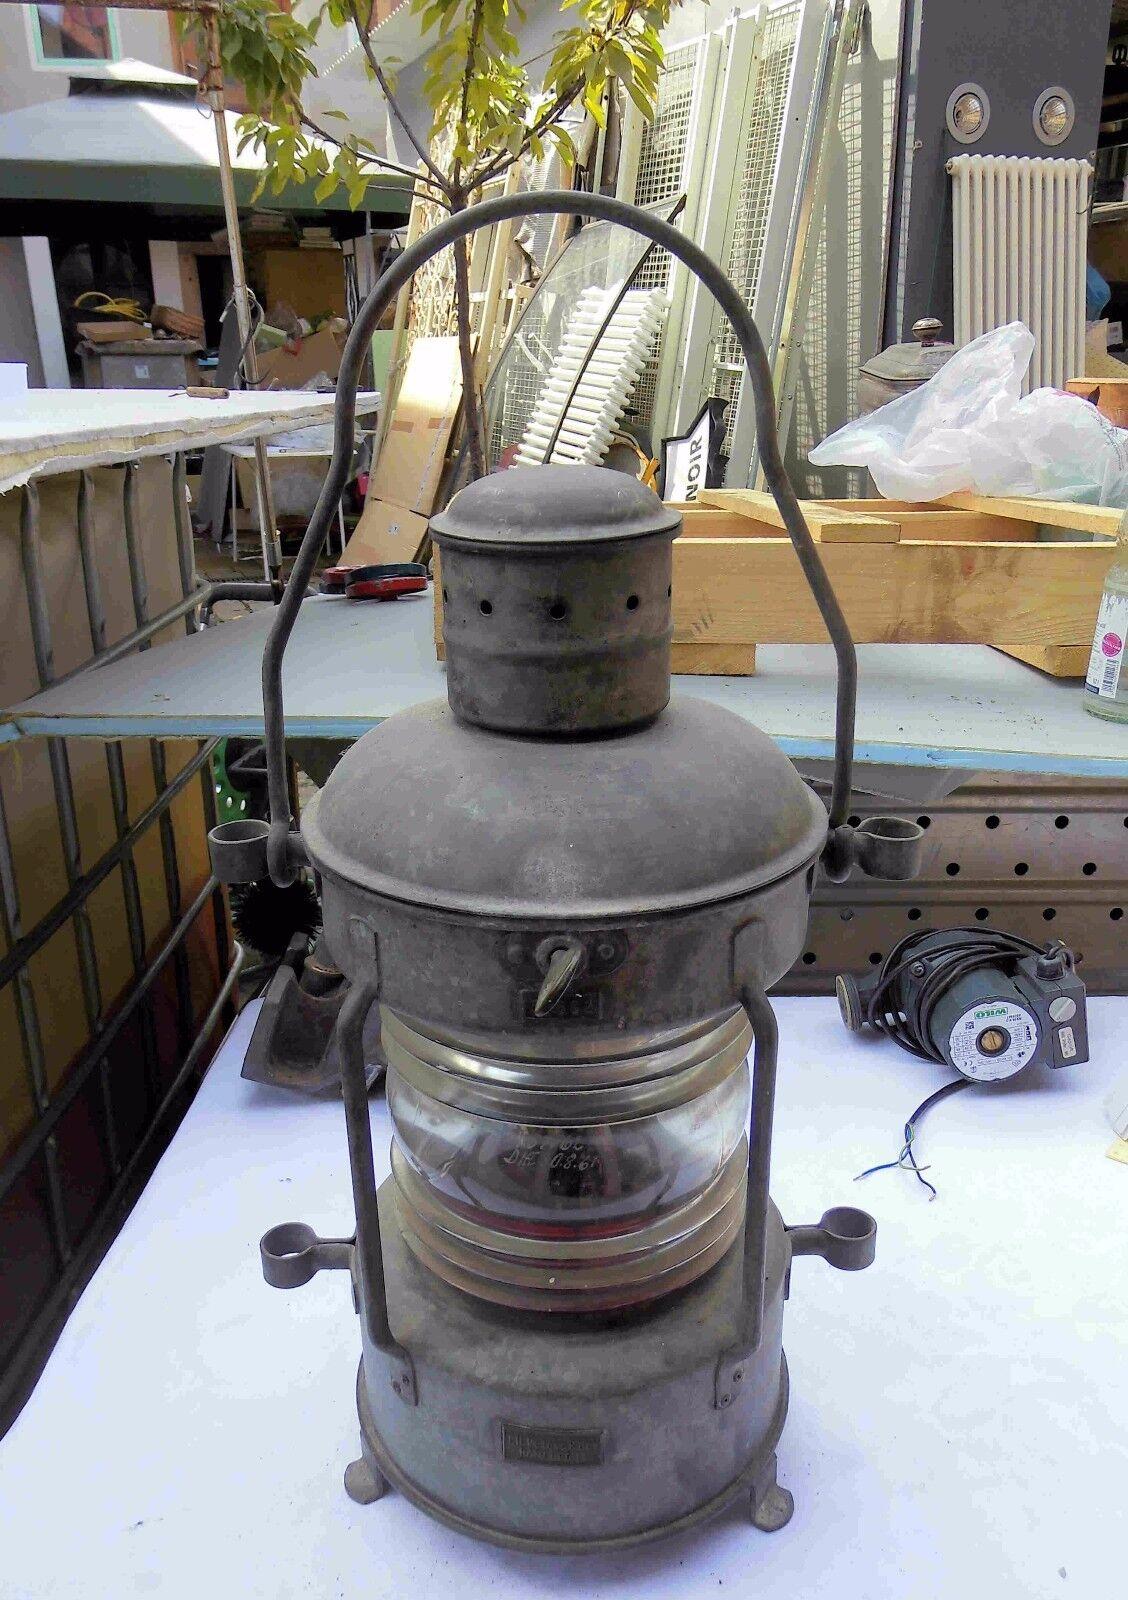 Antike Eisen Petroleum Schiffslampe Nautika Eisen Antike mit Glas und Herstellermarke Peters 56c4ab